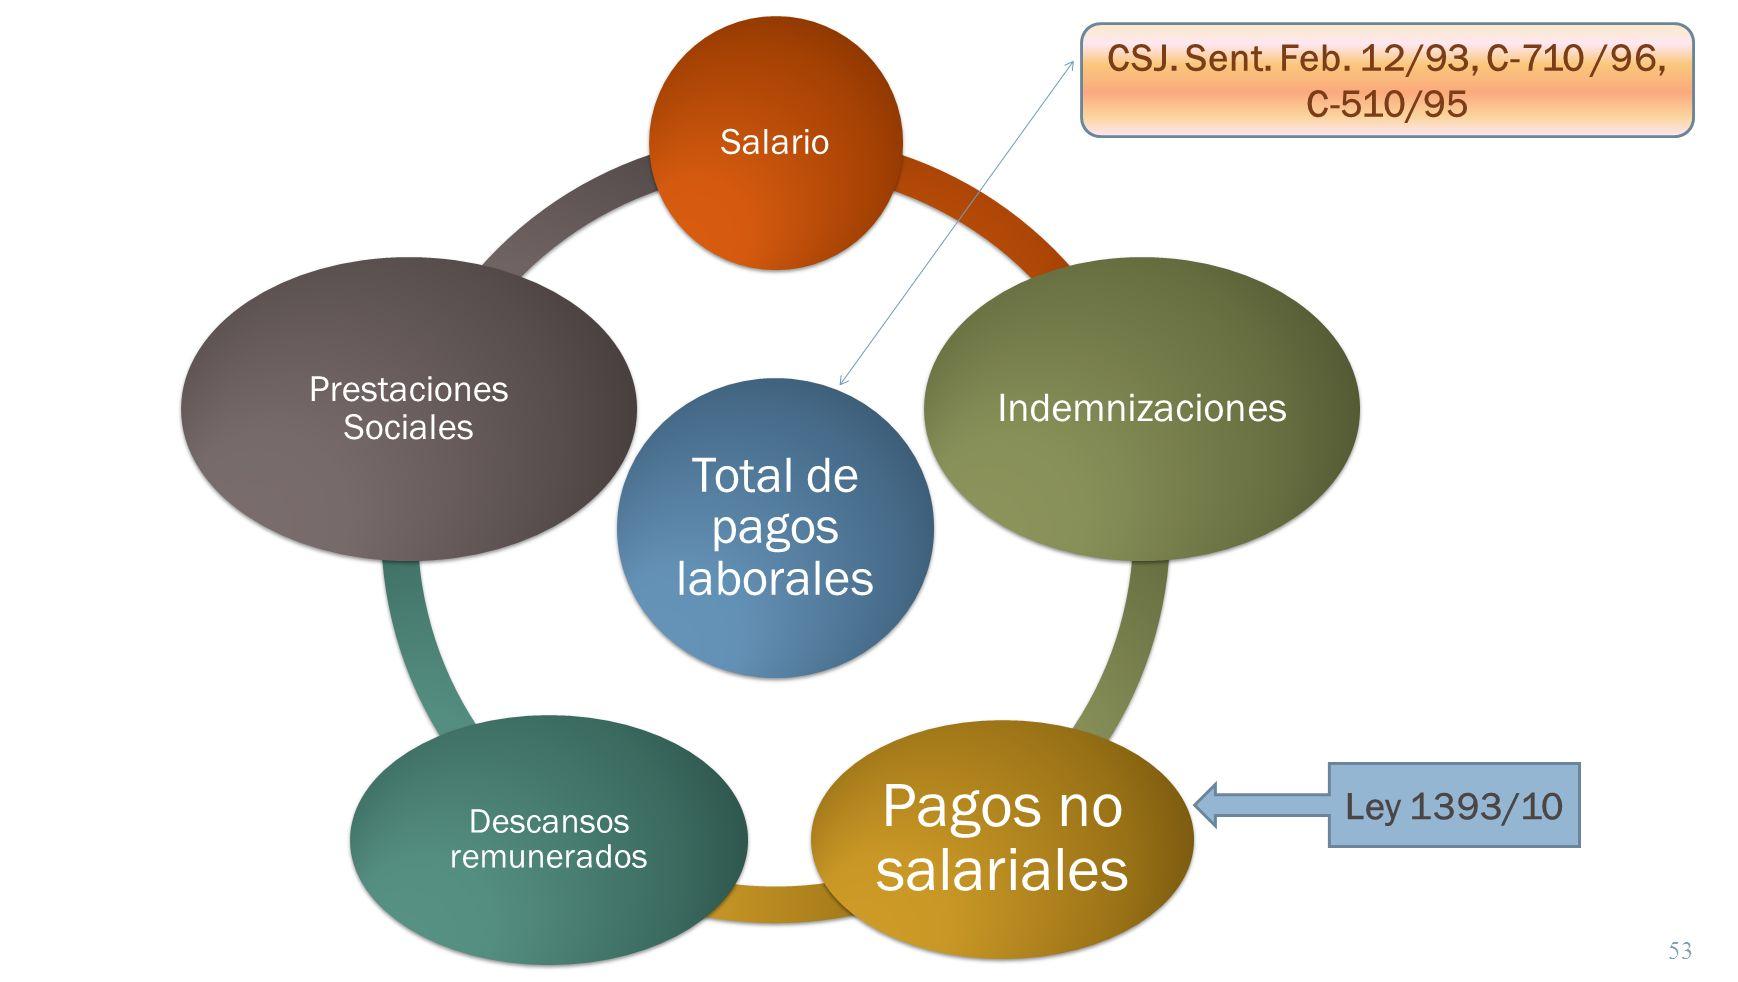 53 Total de pagos laborales Salario Indemnizaciones Pagos no salariales Descansos remunerados Prestaciones Sociales Ley 1393/10 CSJ. Sent. Feb. 12/93,